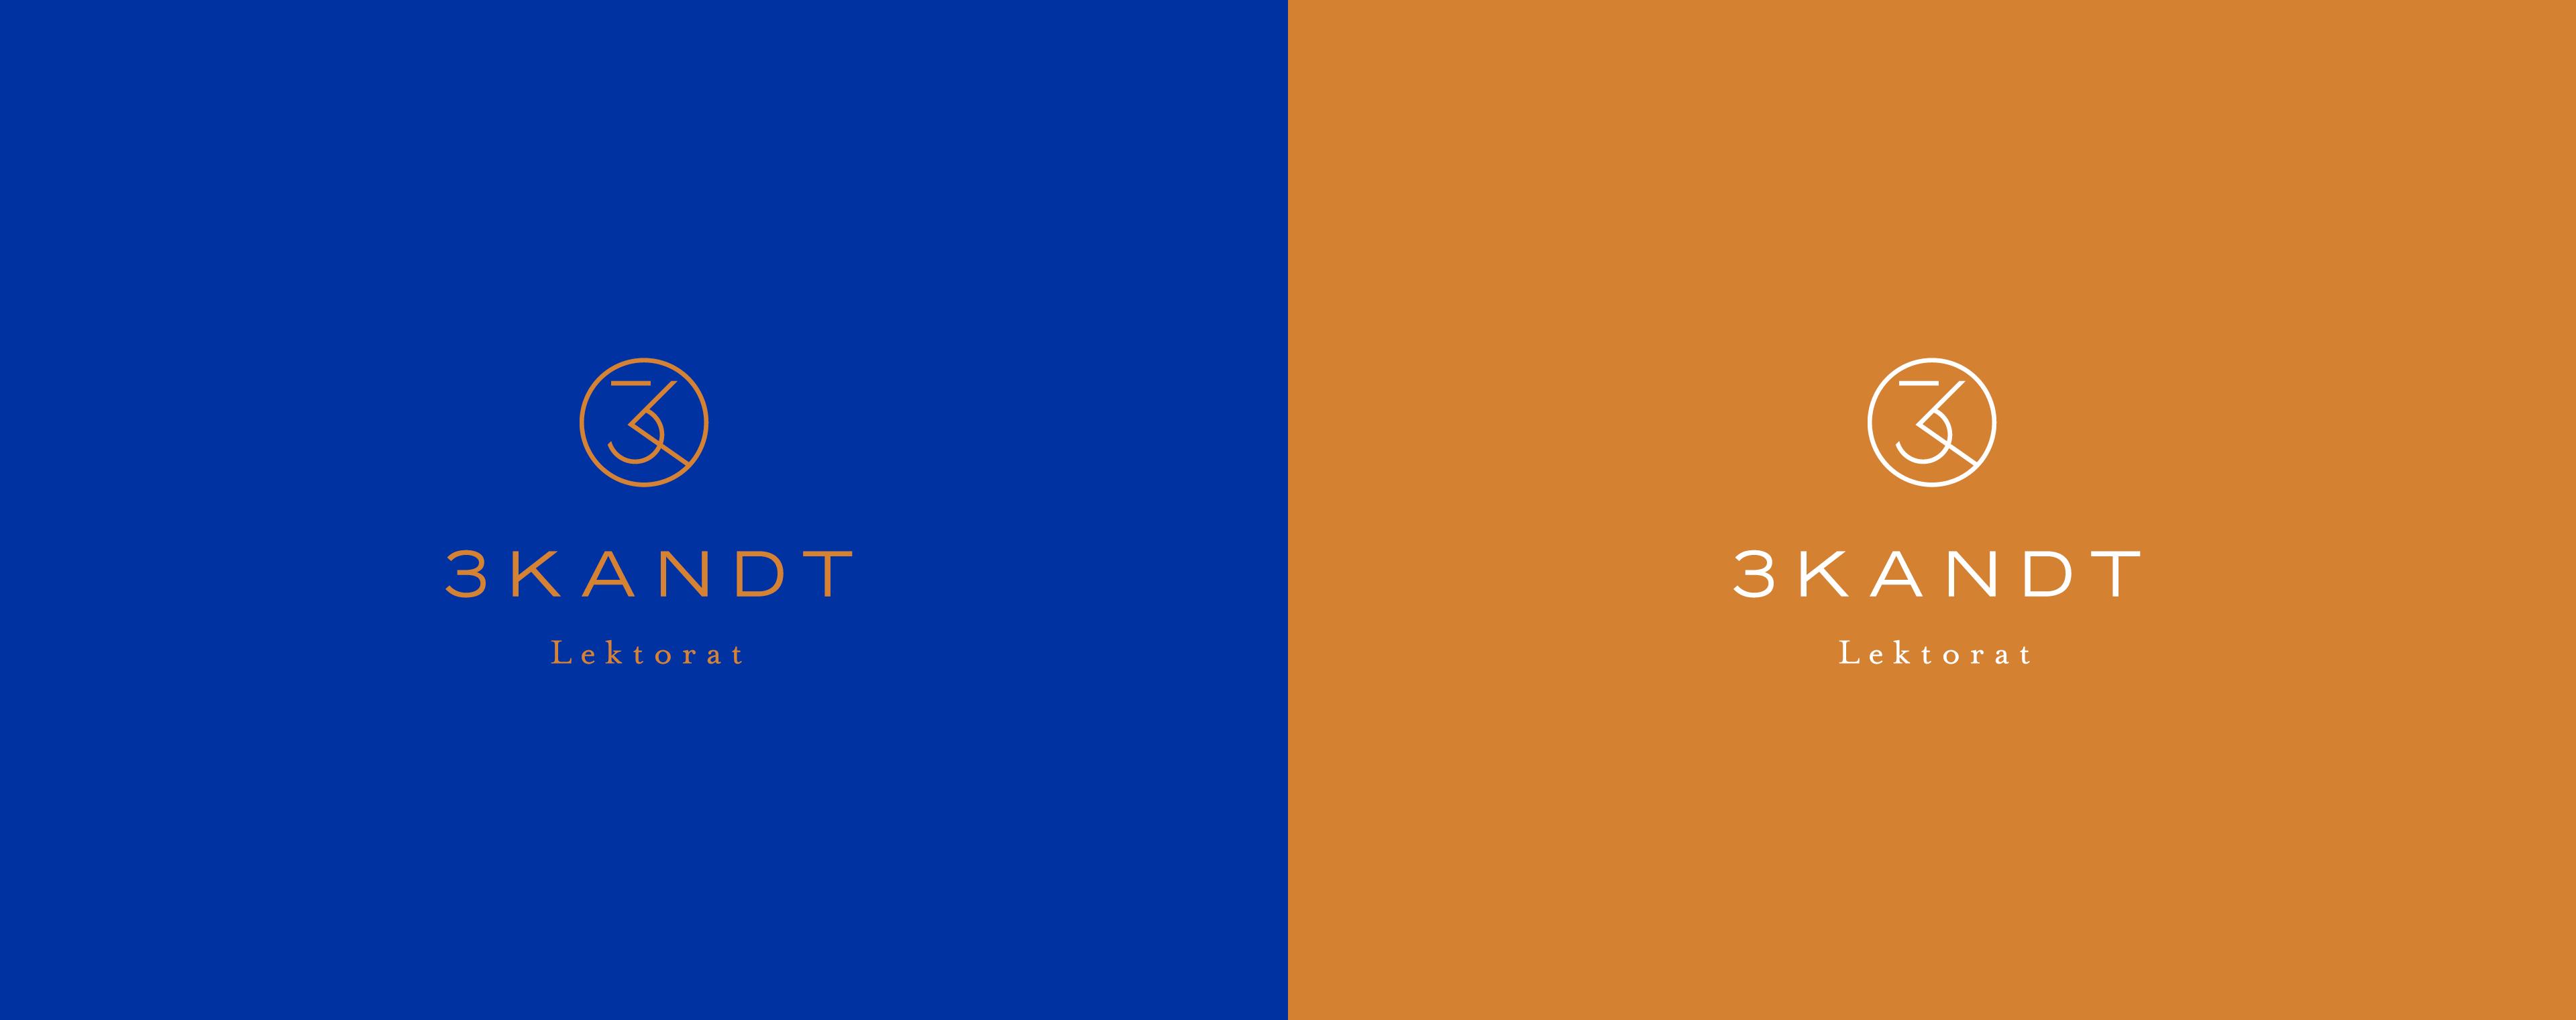 Logodesign 3KANDT Lektorat Memmingen